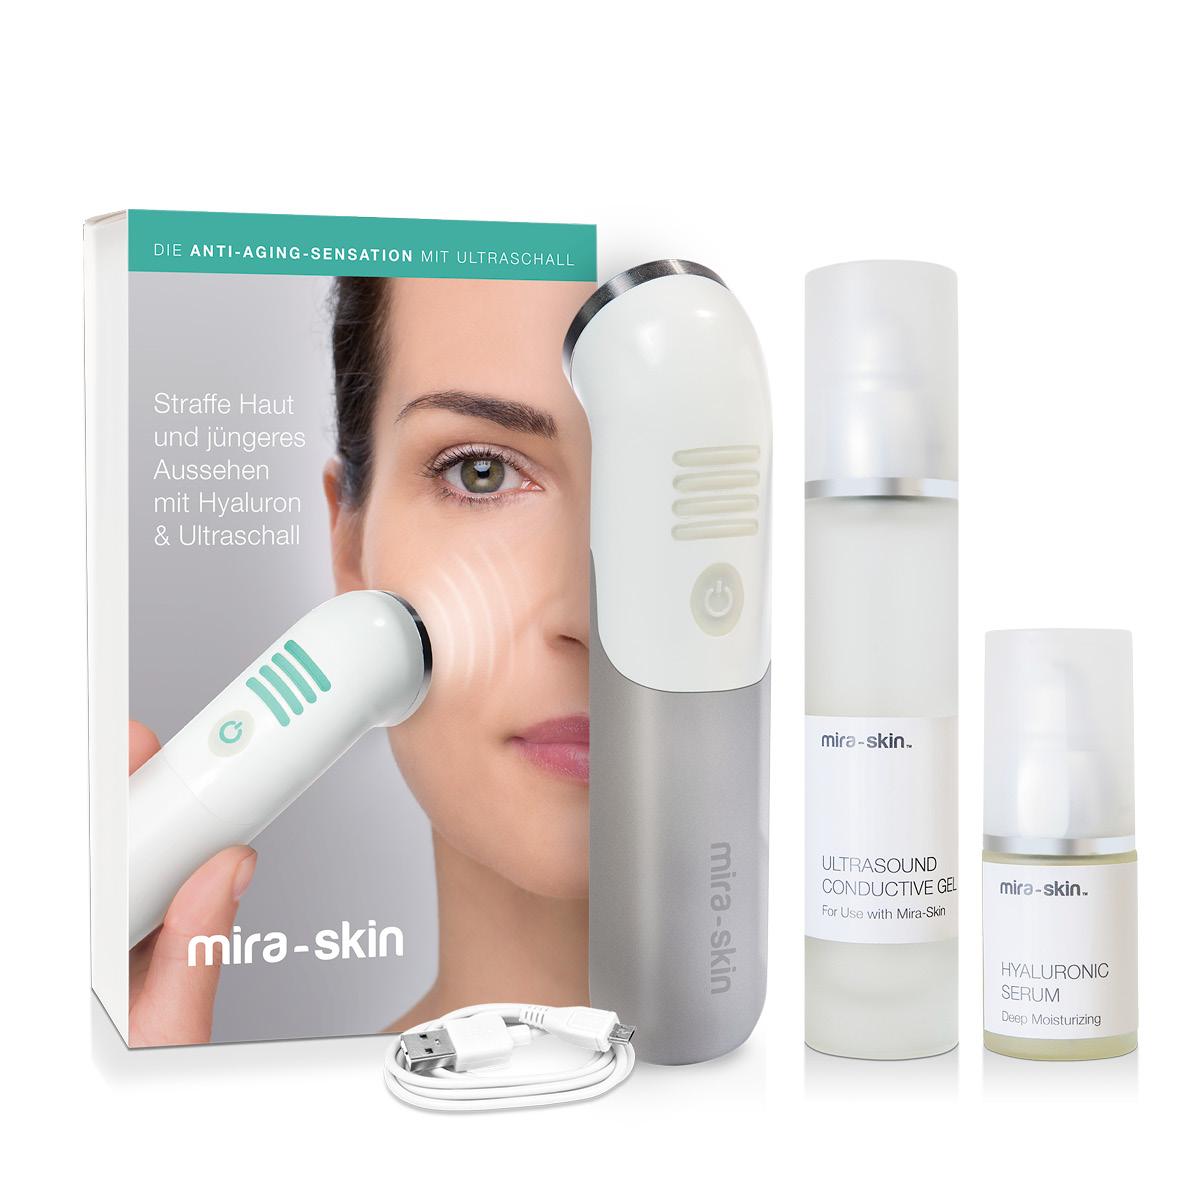 Mira Skin - un must pour les fans de soins